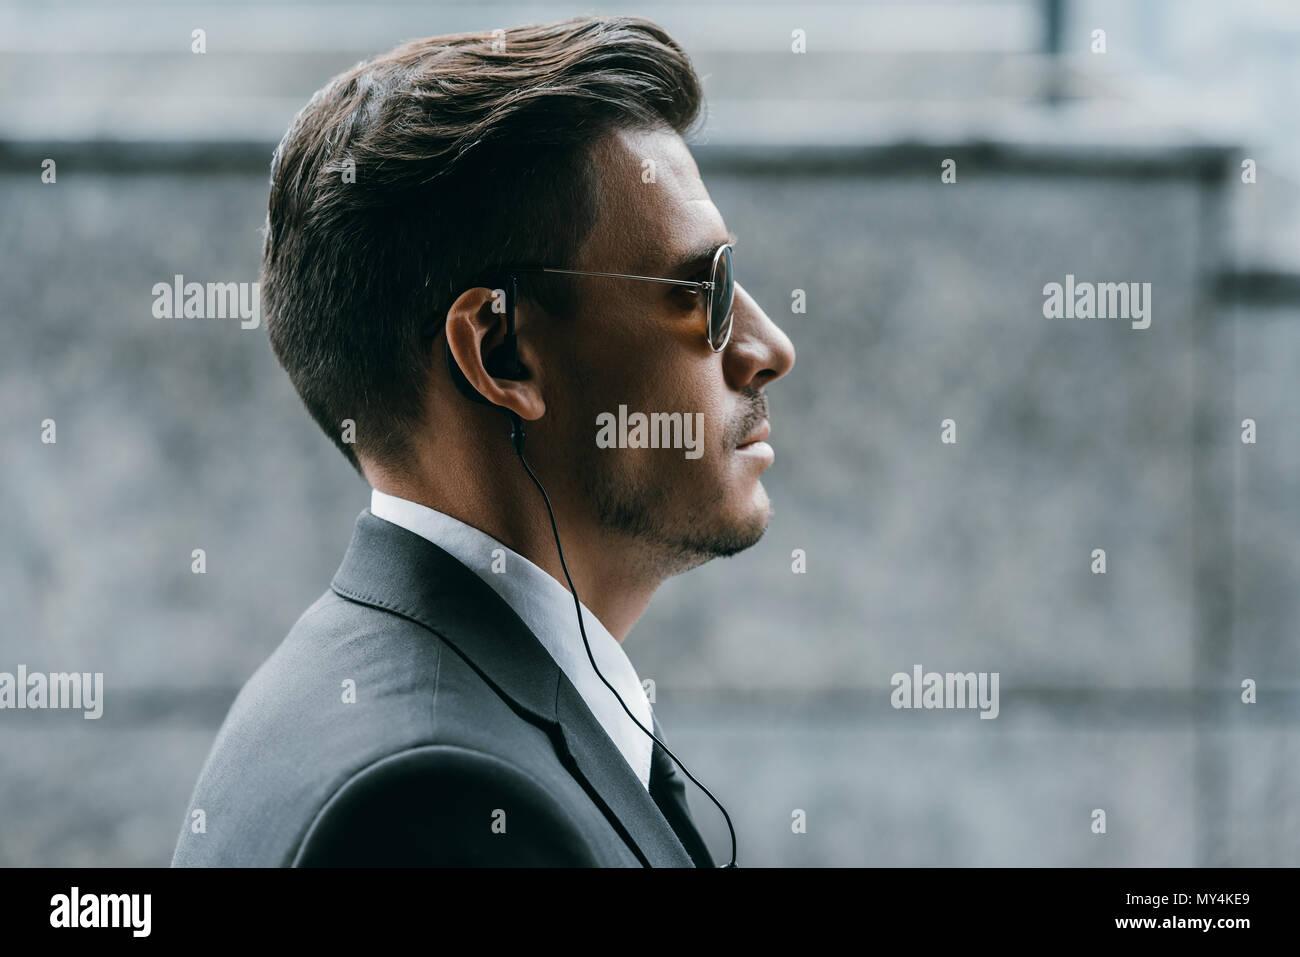 Perfil de guardaespaldas guapo con gafas de sol y seguridad auricular Foto de stock